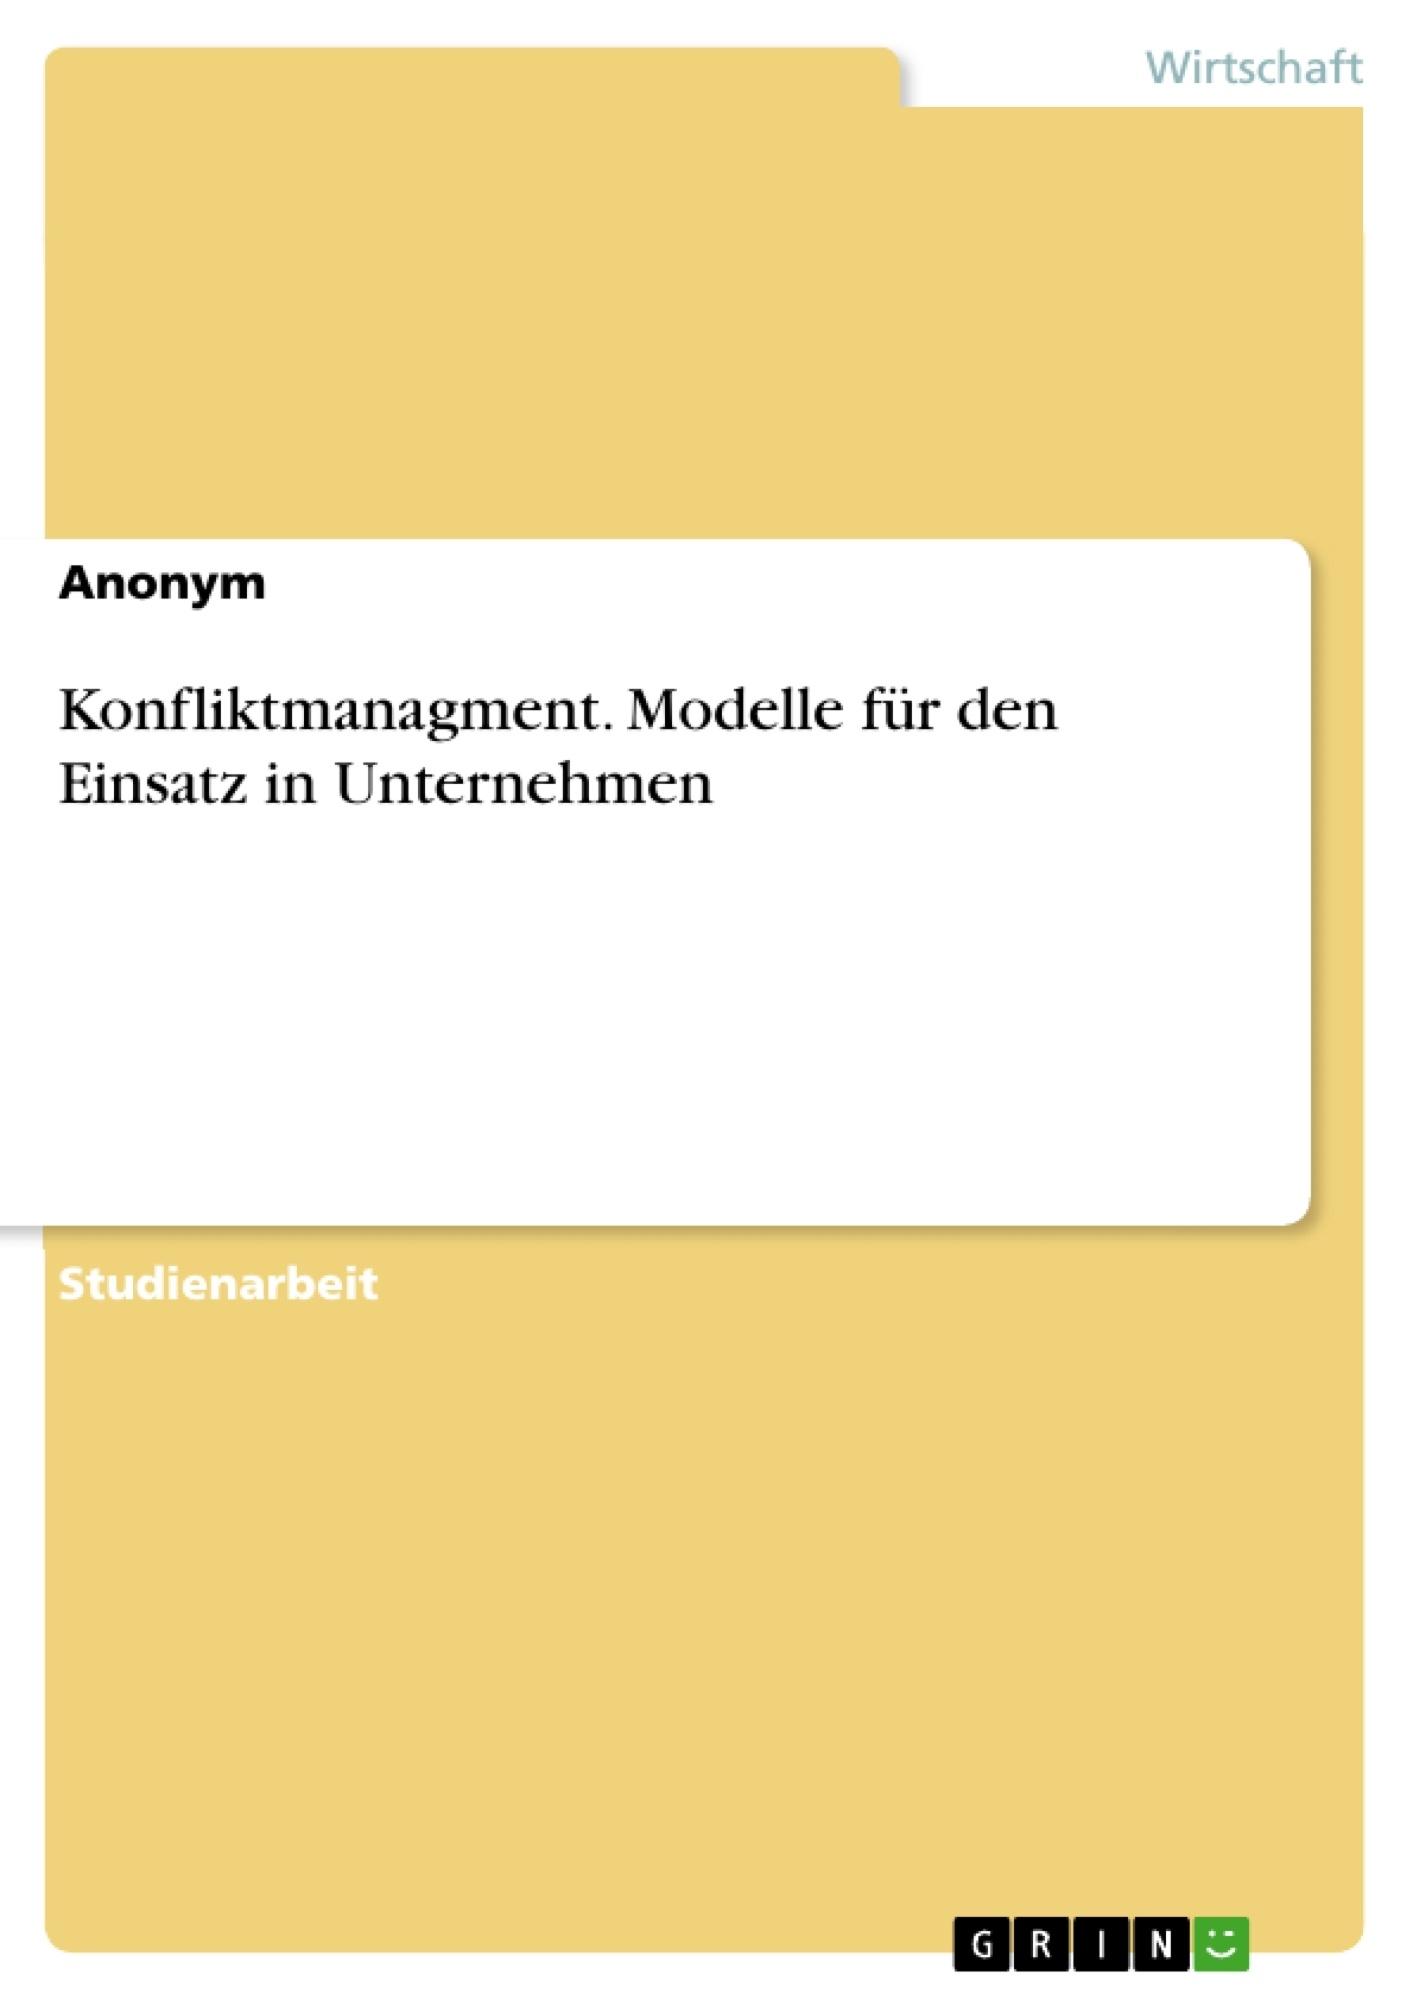 Titel: Konfliktmanagment. Modelle für den Einsatz in Unternehmen